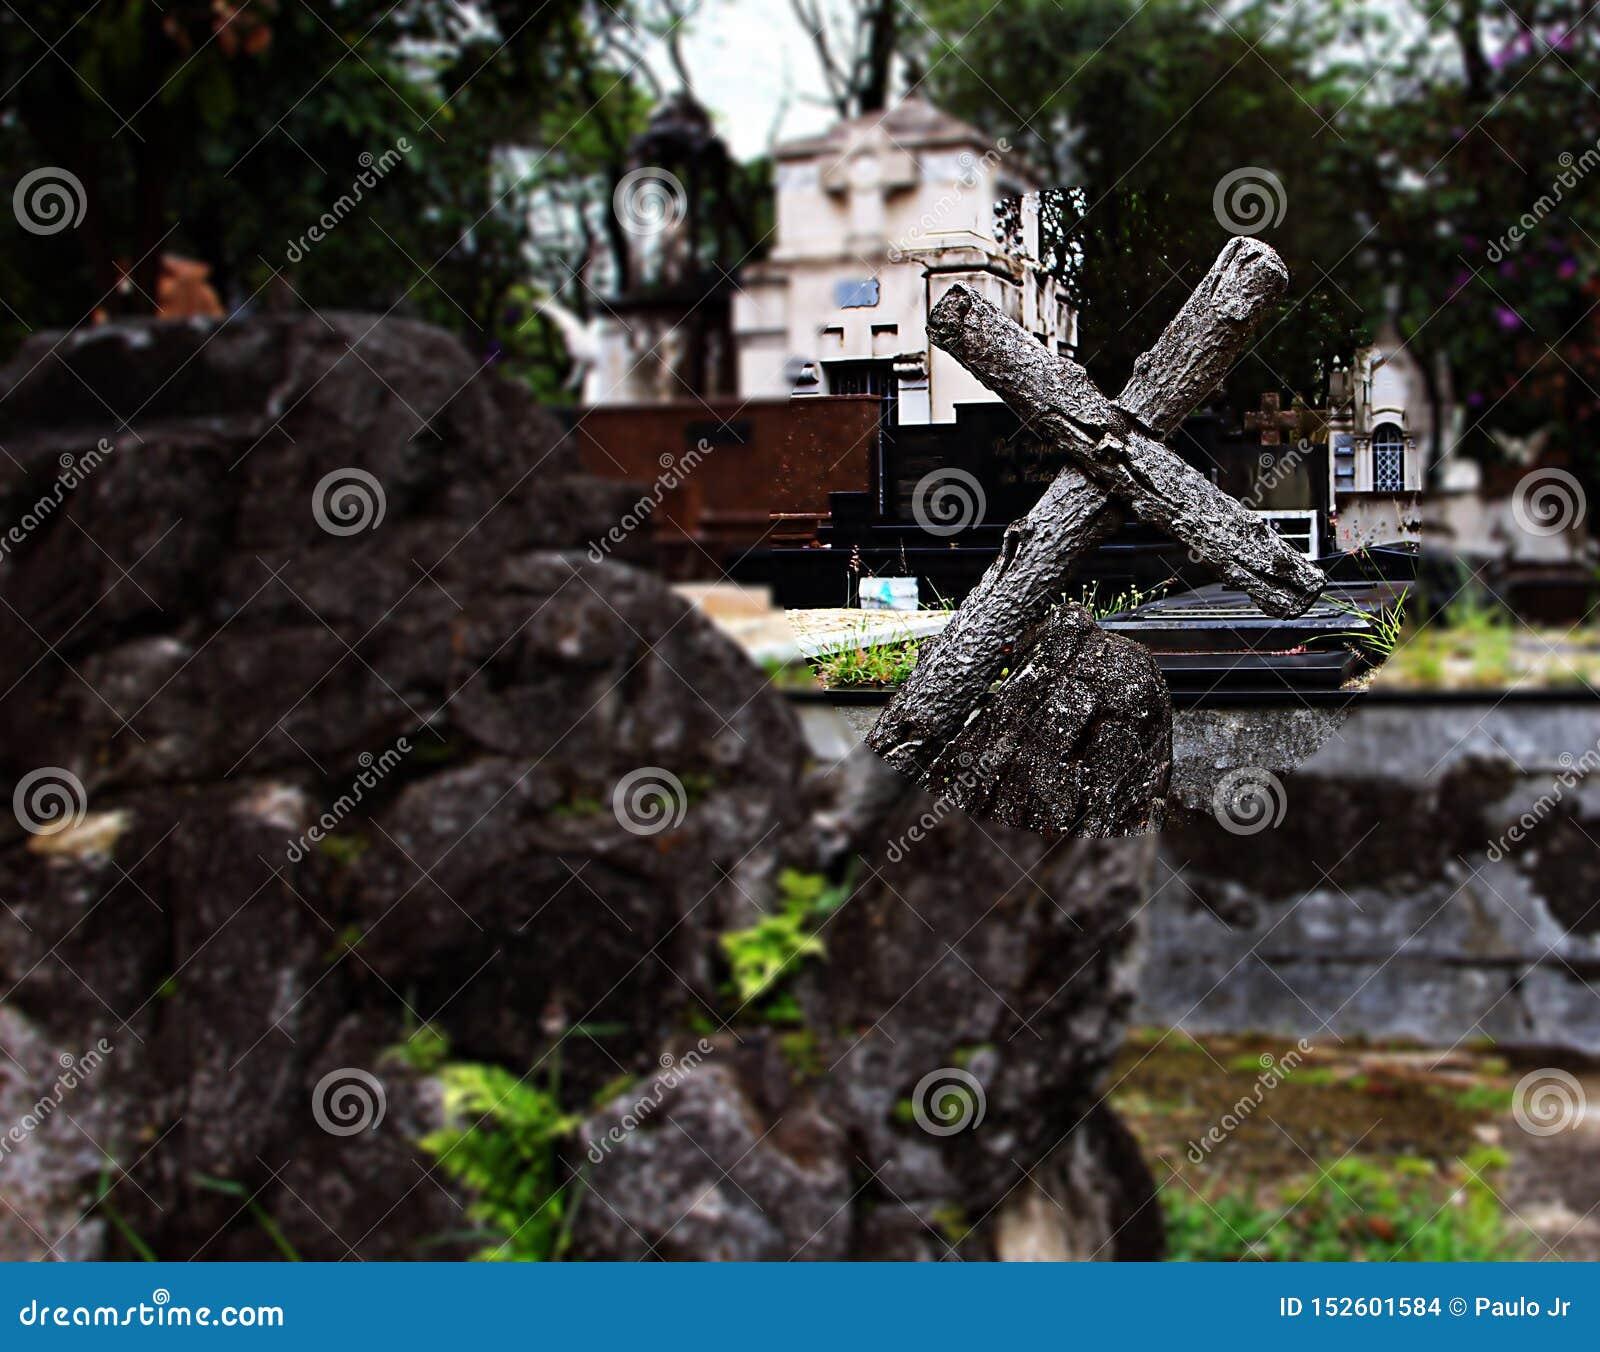 Wooden cross leaning on rock.